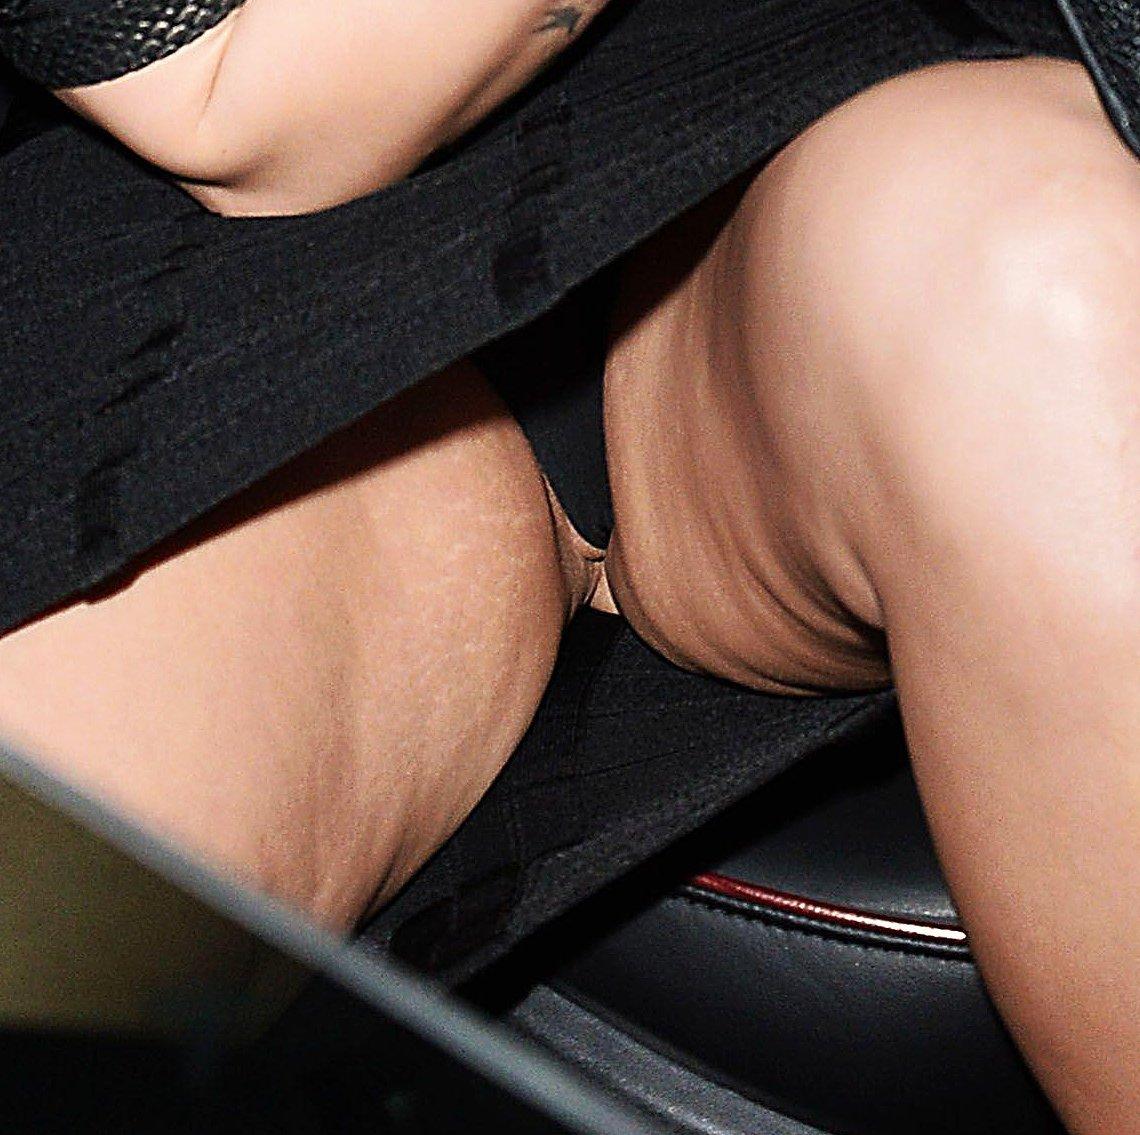 Demi Lovato boobs showing